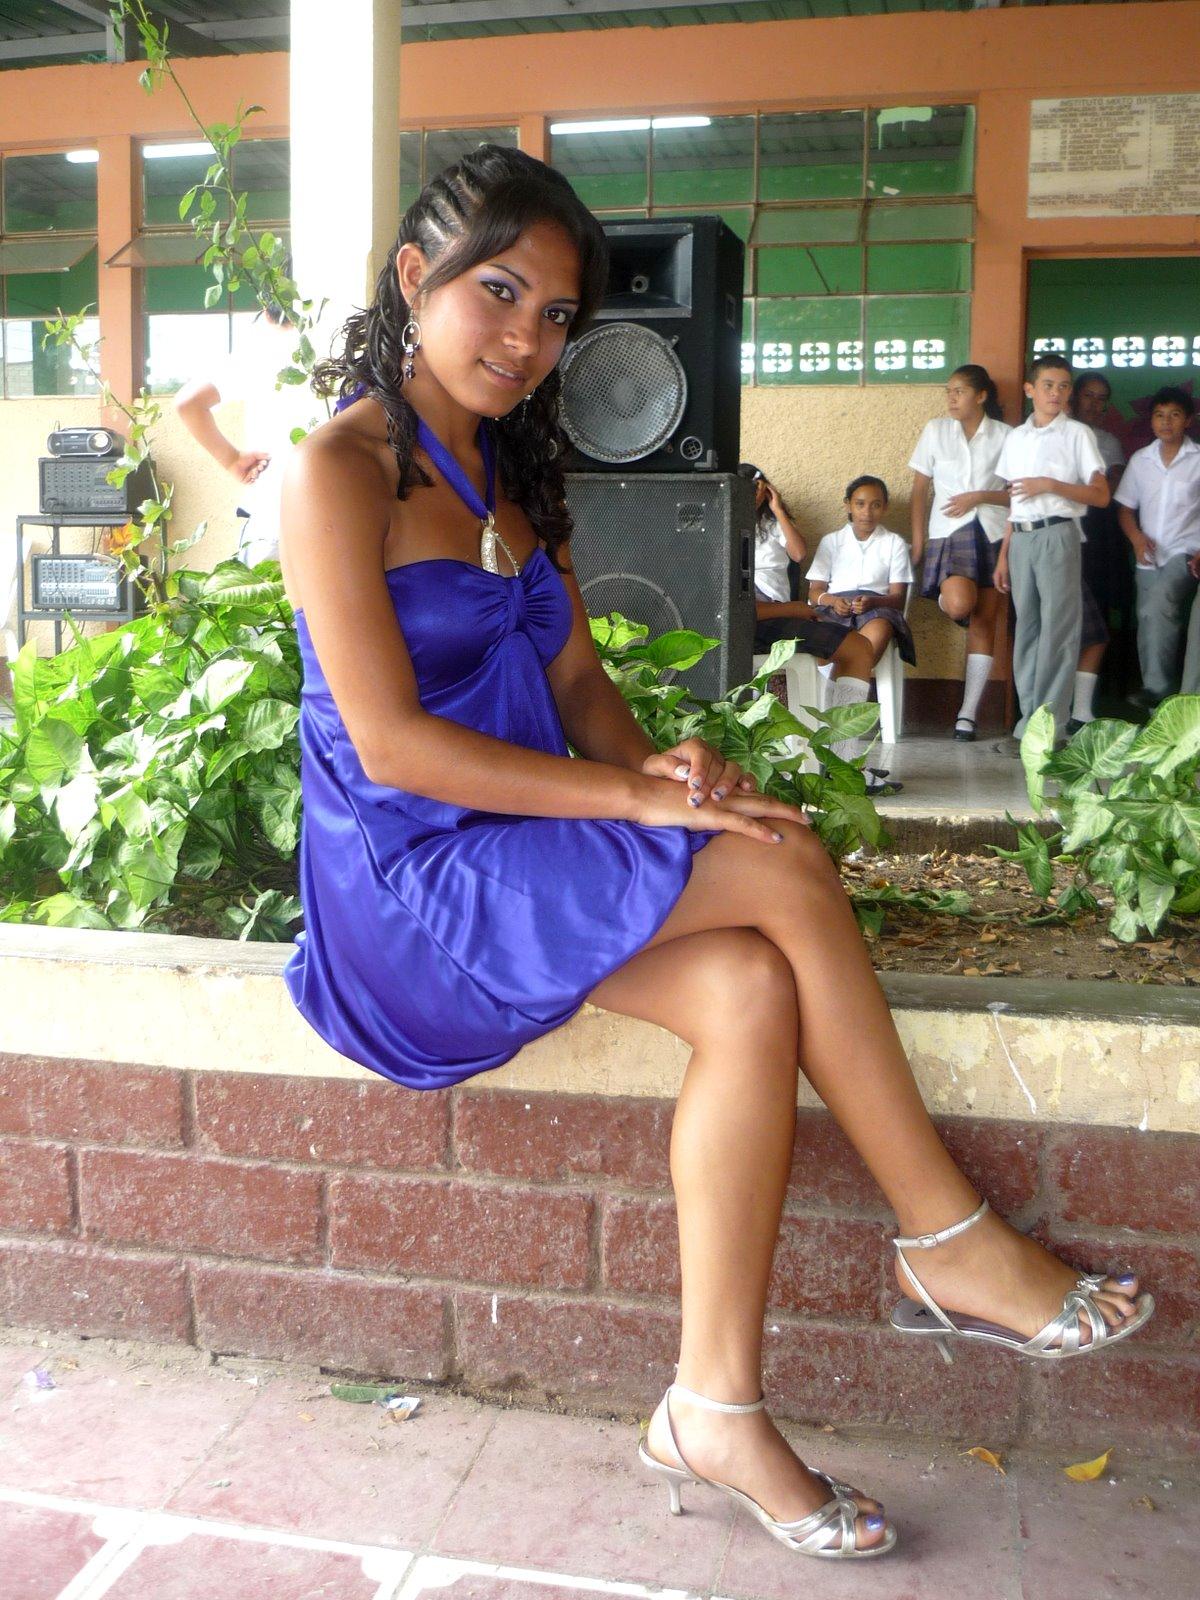 Citas con chicas de quillabamba garota latina Joinville-15621